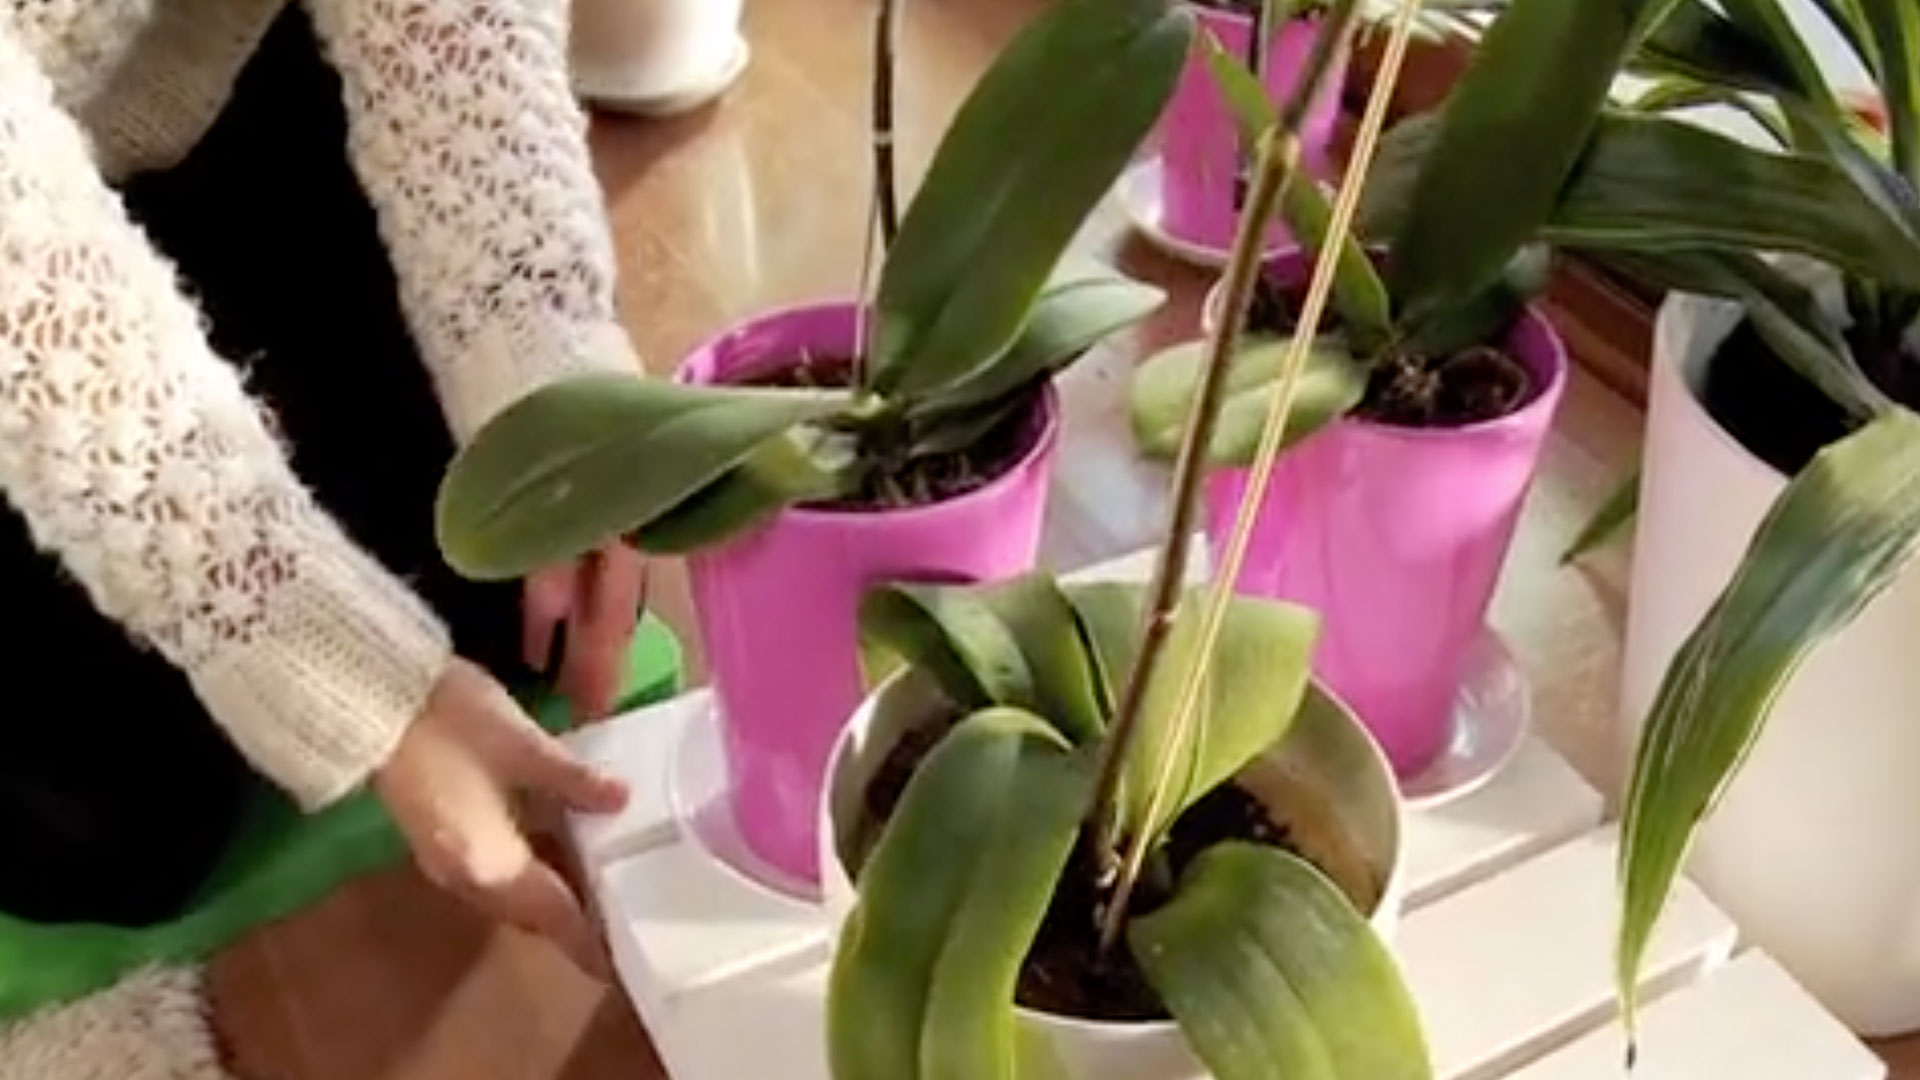 Las orquídeas y otras especies delicadas necesitan estar en un macetero fácil de transportar, ya sea para protegerlas del frío, buscar la luz o simplemente para cambiarlas de lugar. Una opción es tener una base con ruedas, fácil de hacer y muy cómoda de usar.